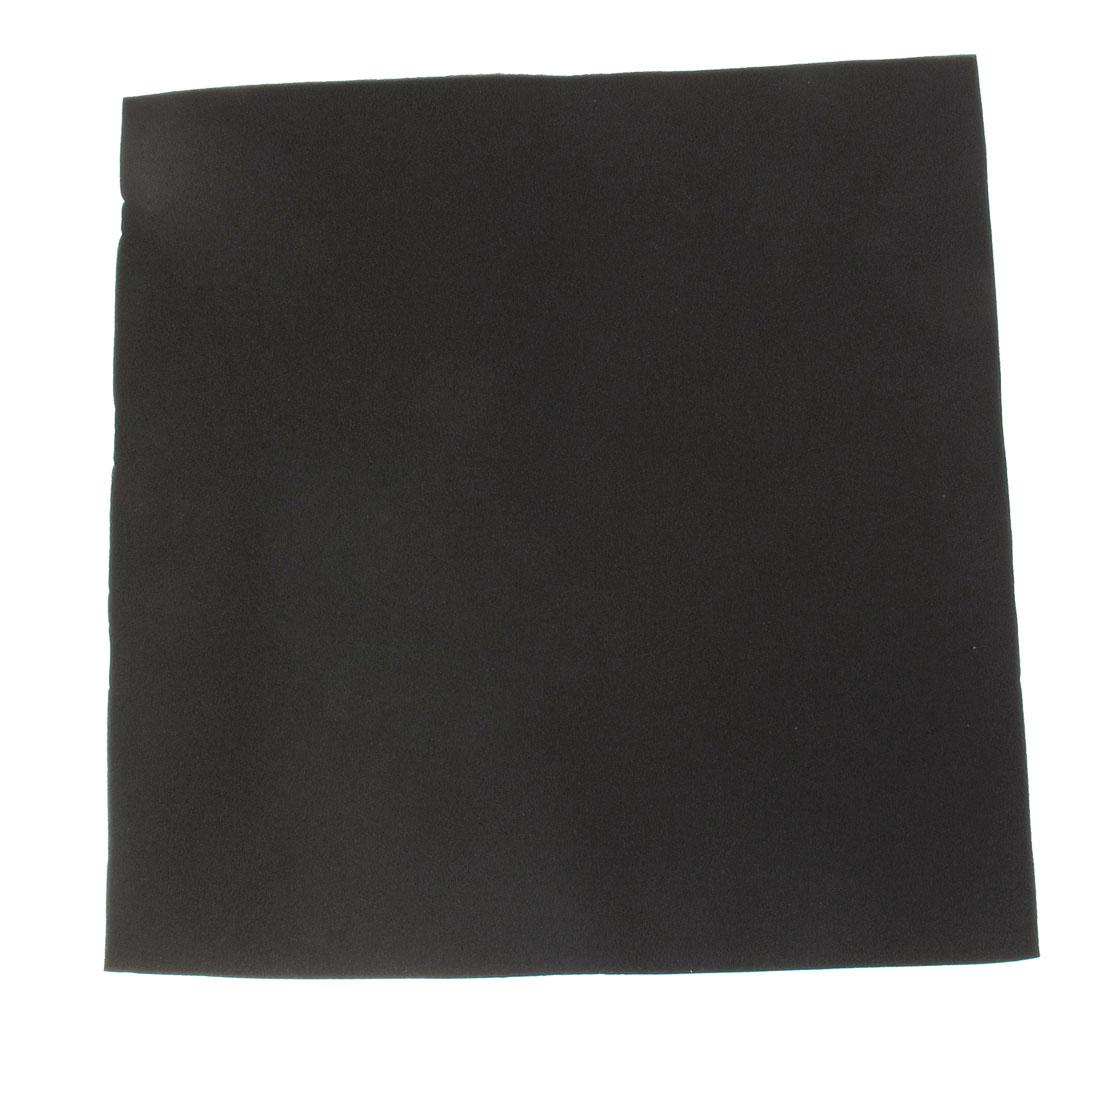 Aquarium Black Rectangle 50cm x 50cm x 5cm Fresh Water Filter Sponge Pad